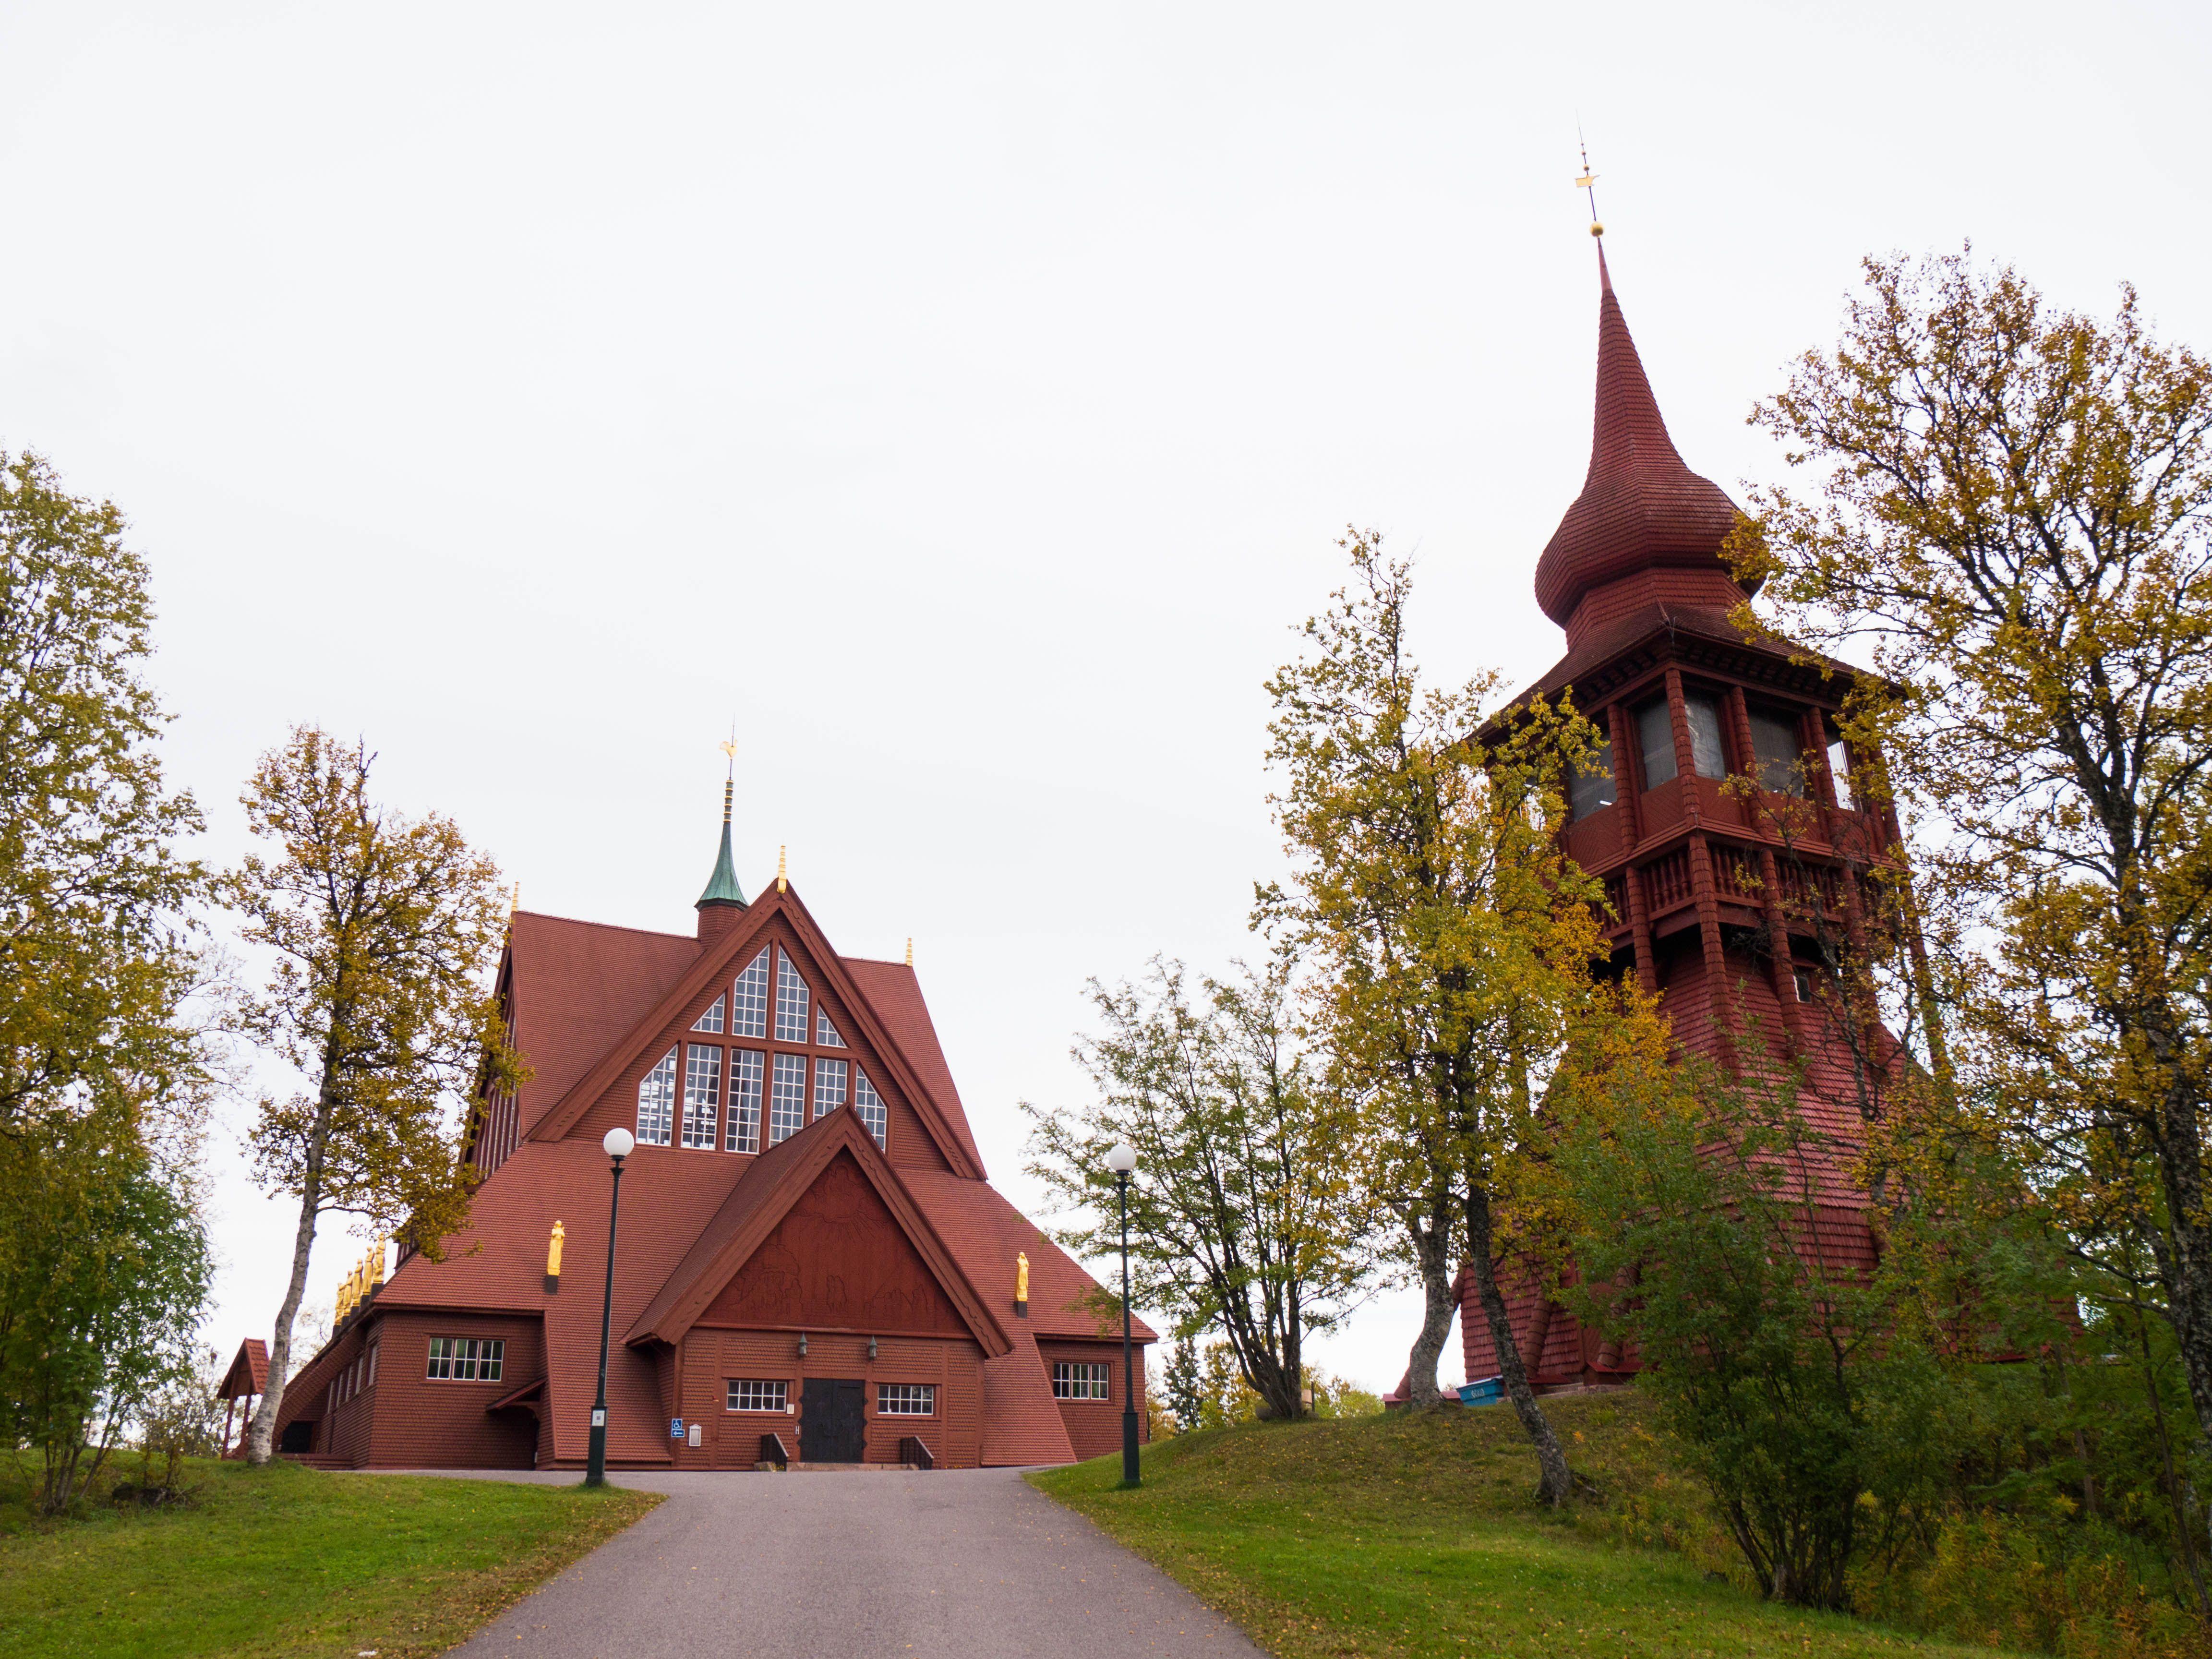 https://assets.eberhardt-travel.de/2020/Schweden/85668_Schweden_Lappland_Kiruna_Kirche_Original.jpg